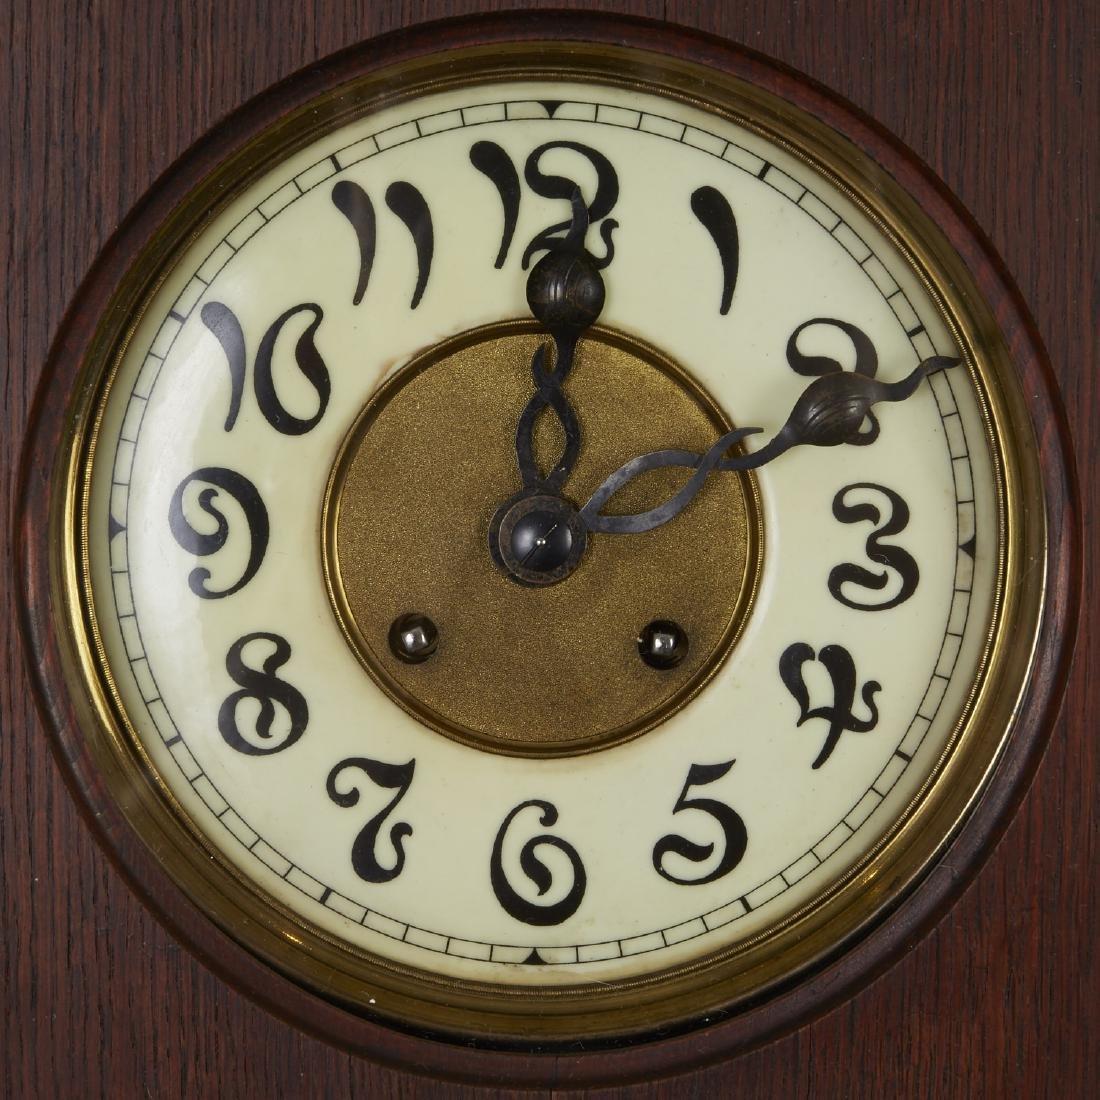 Lenzkirch German Art Nouveau Wall Clock - 2